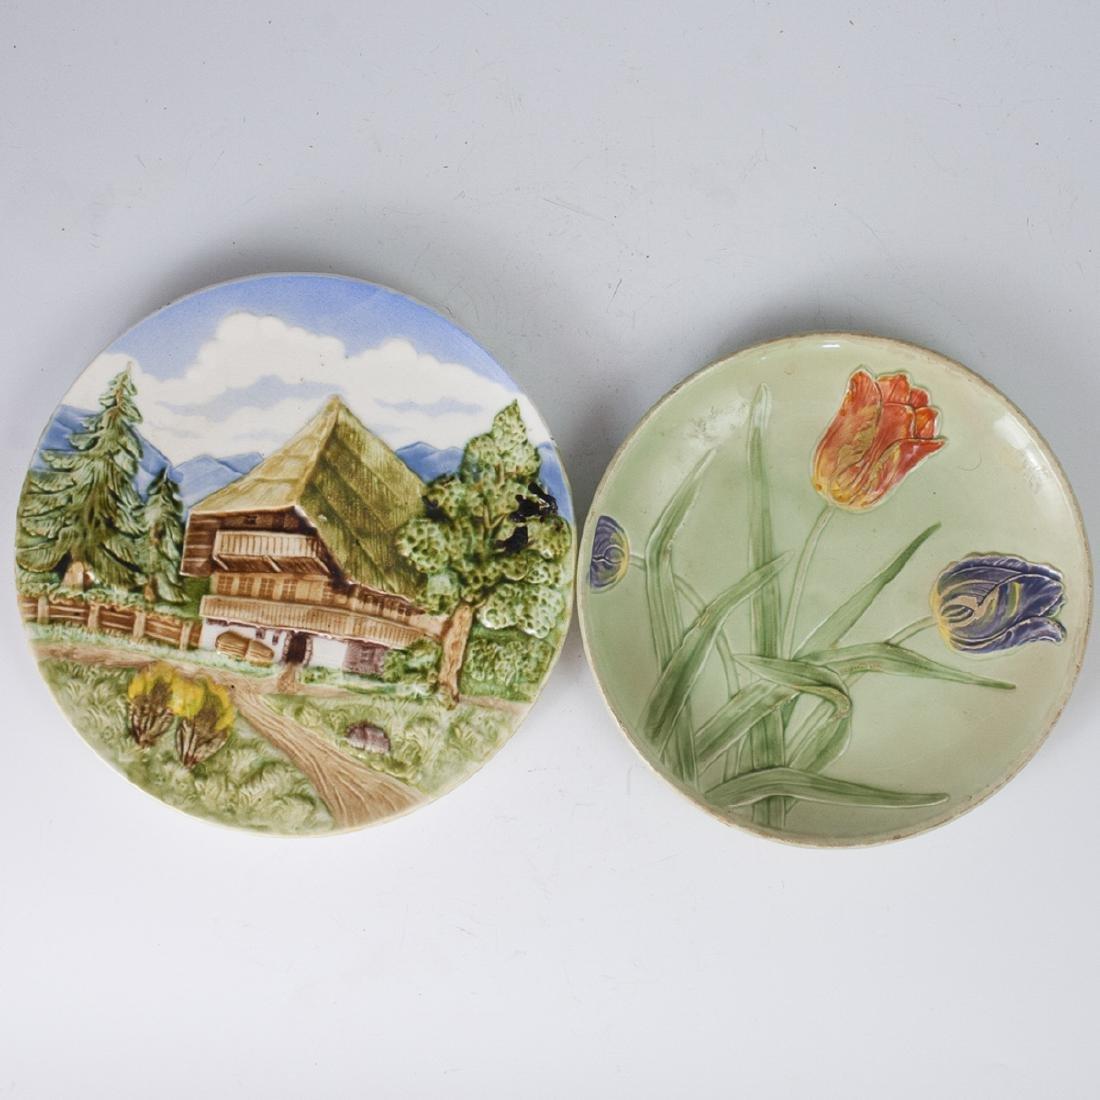 German Porcelain Majolica Plates